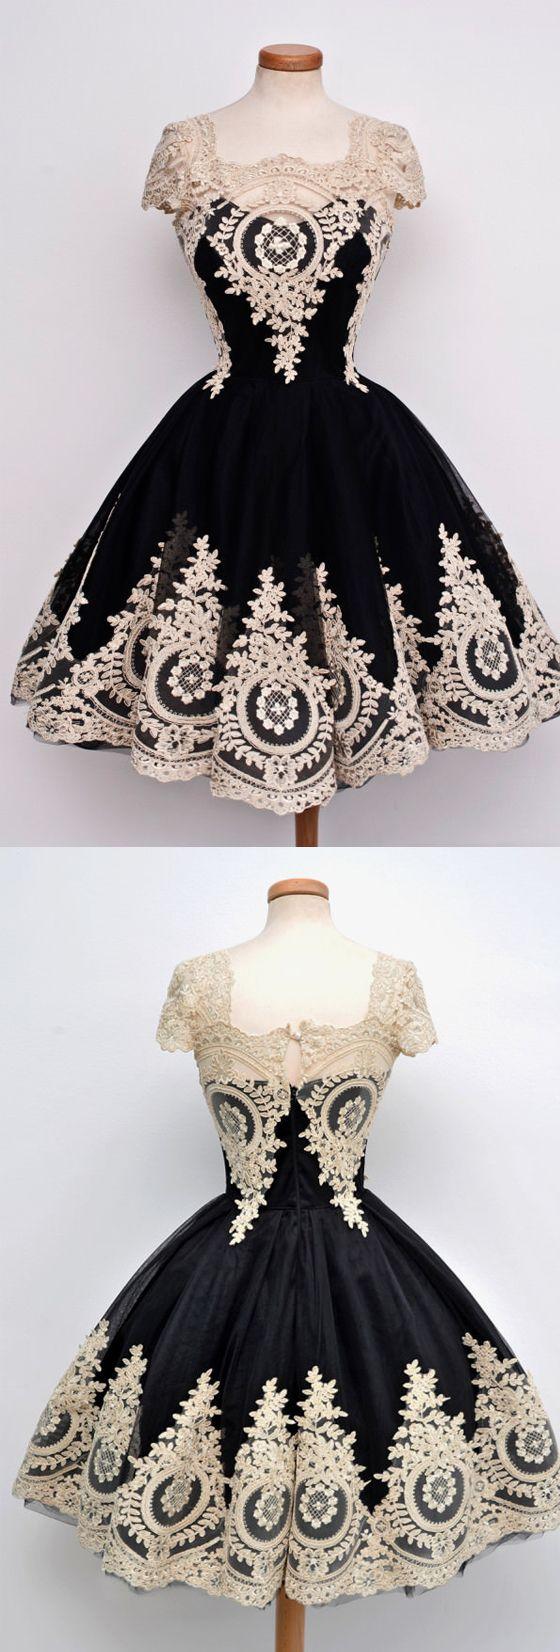 Cap Sleeves Unique Applique Little Black Cocktail Short Homecoming Dresses, PM0426